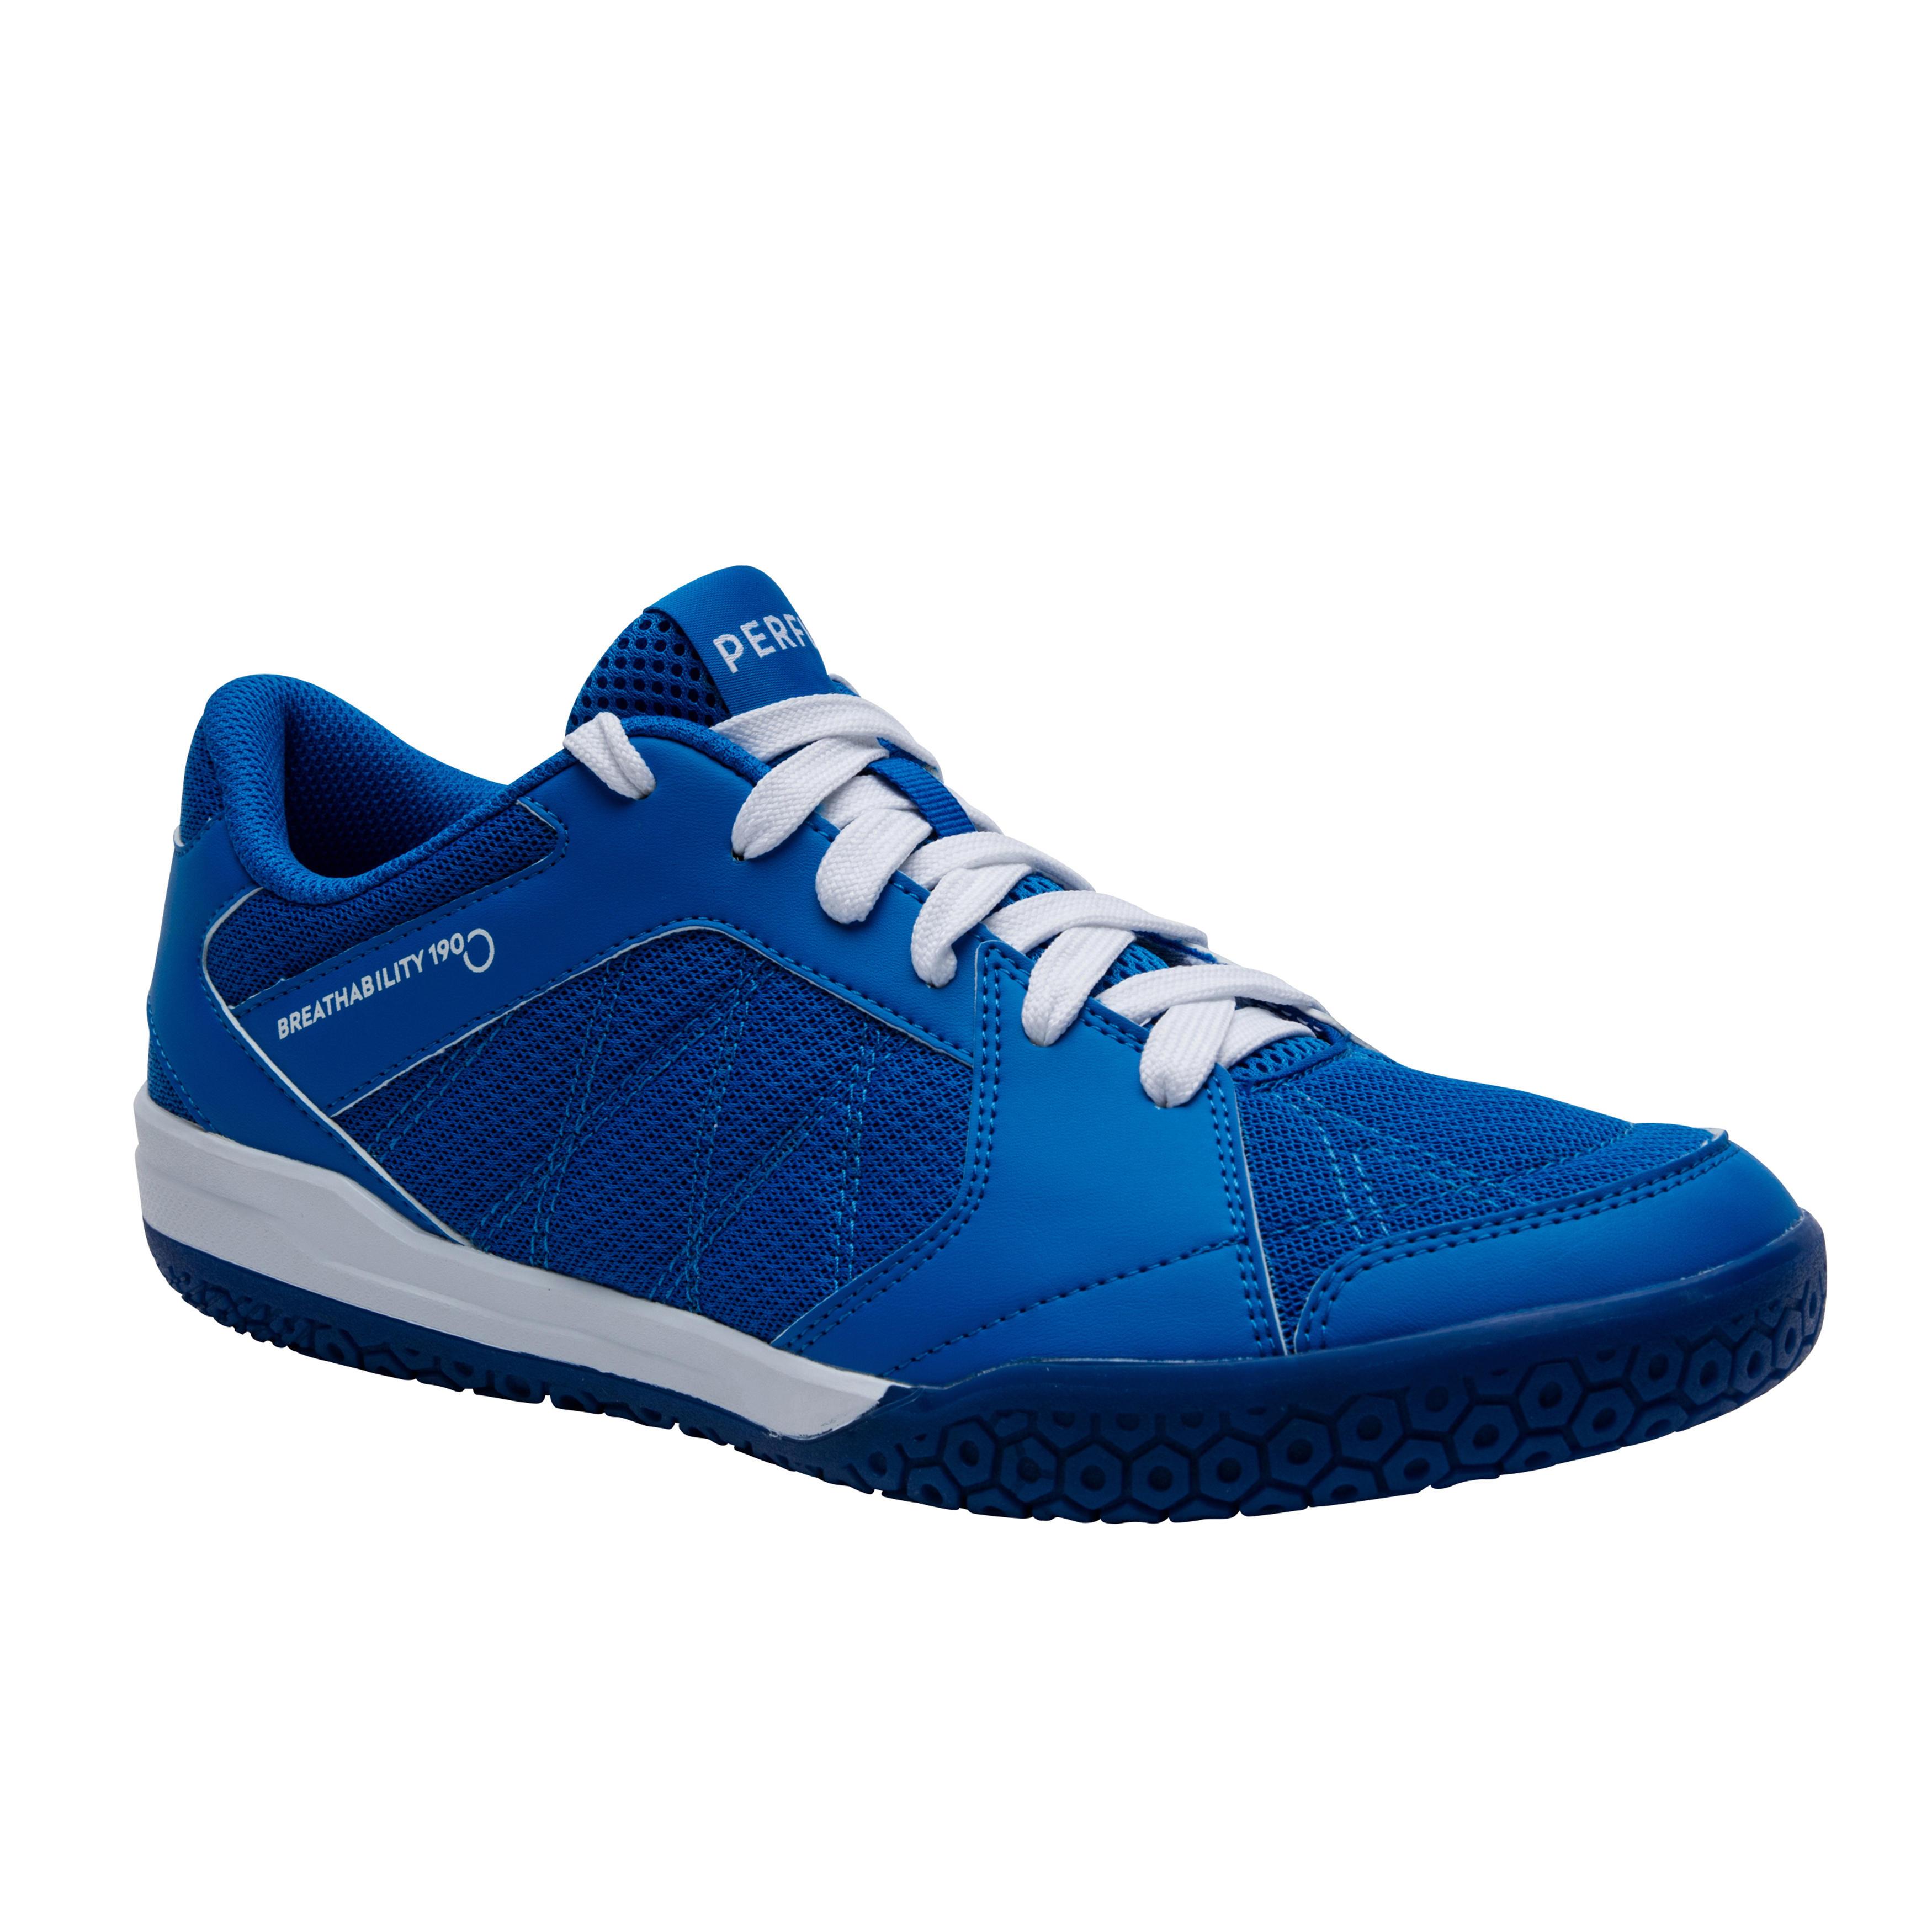 Perfly Badmintonschoenen voor heren BS 190 blauw